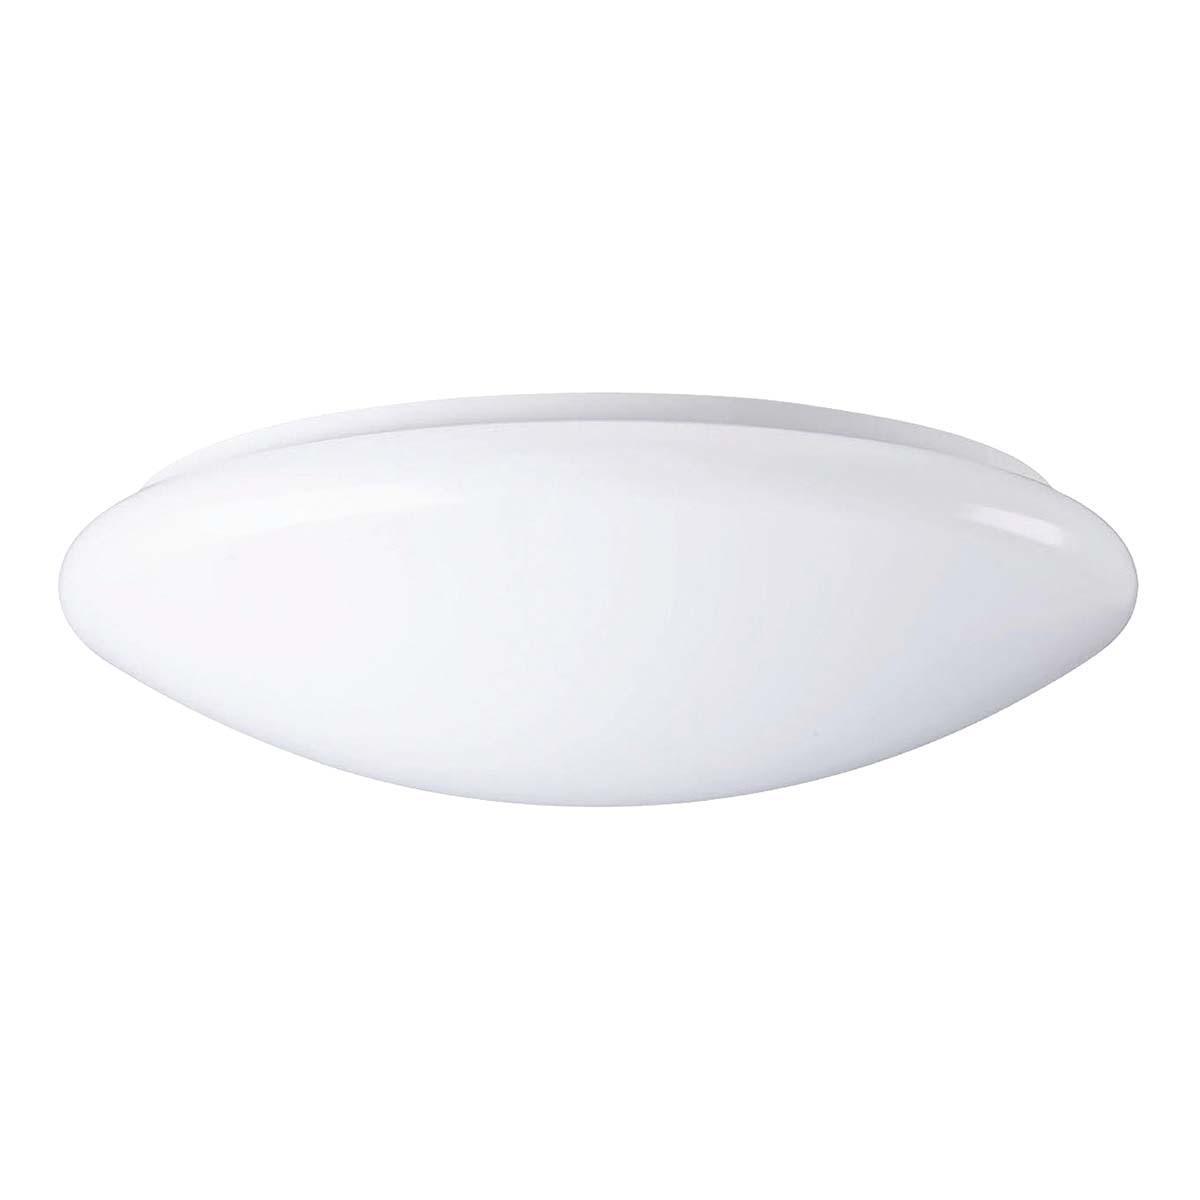 LED-Einbauleuchte 12 W 3000 K 800 lm Weiss